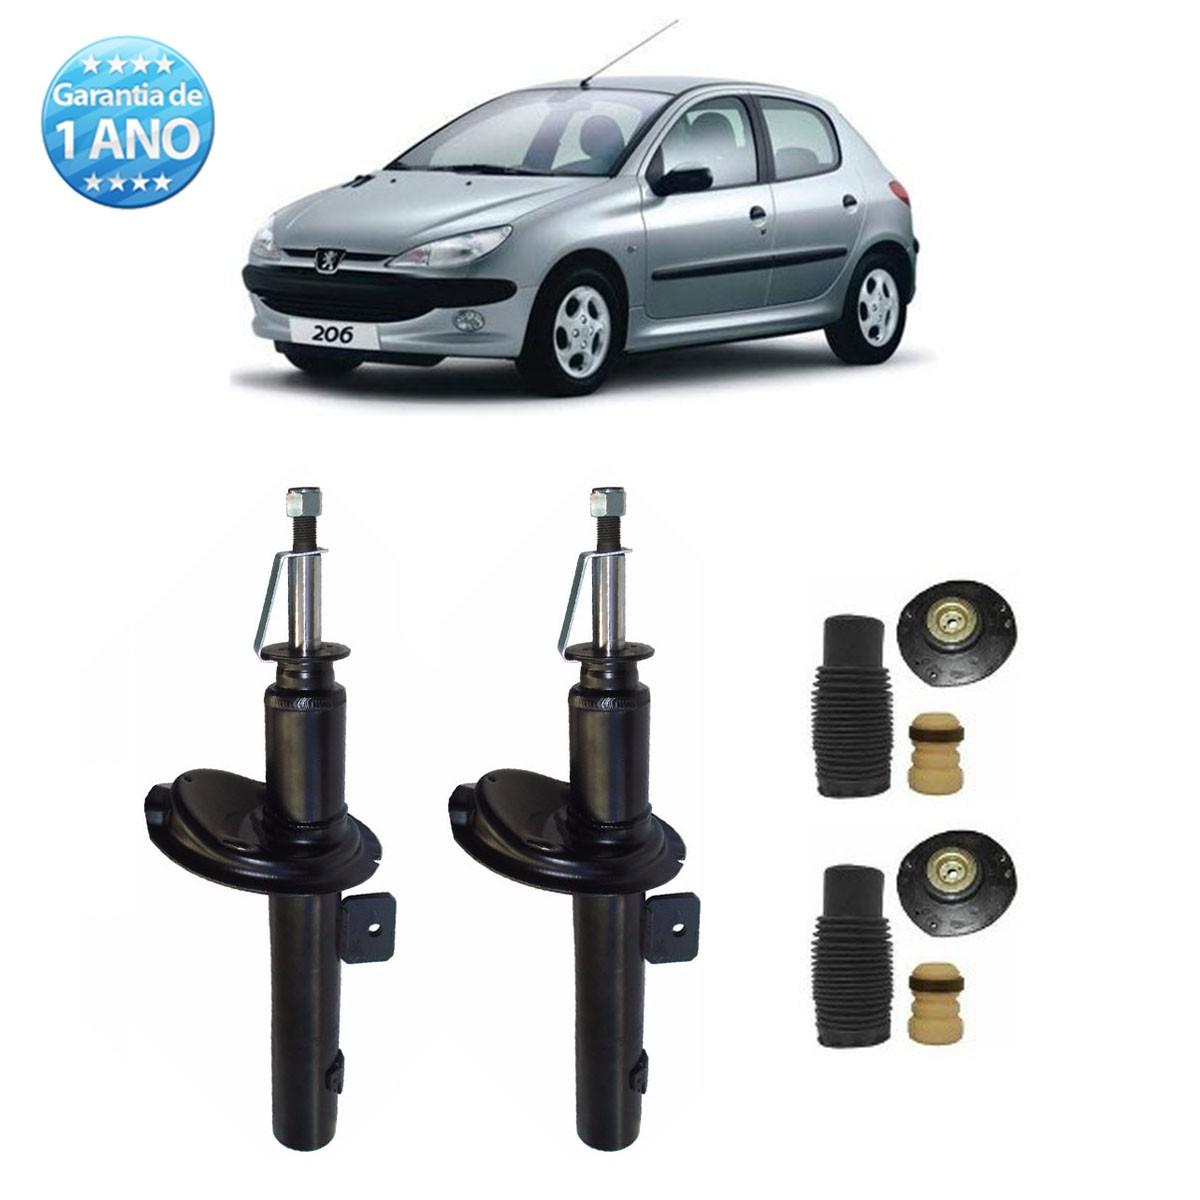 Par de Amortecedores Dianteiro Remanufaturados Peugeot 206 1.0 e Sw 1999 Até 2010 + Kit da Suspensão